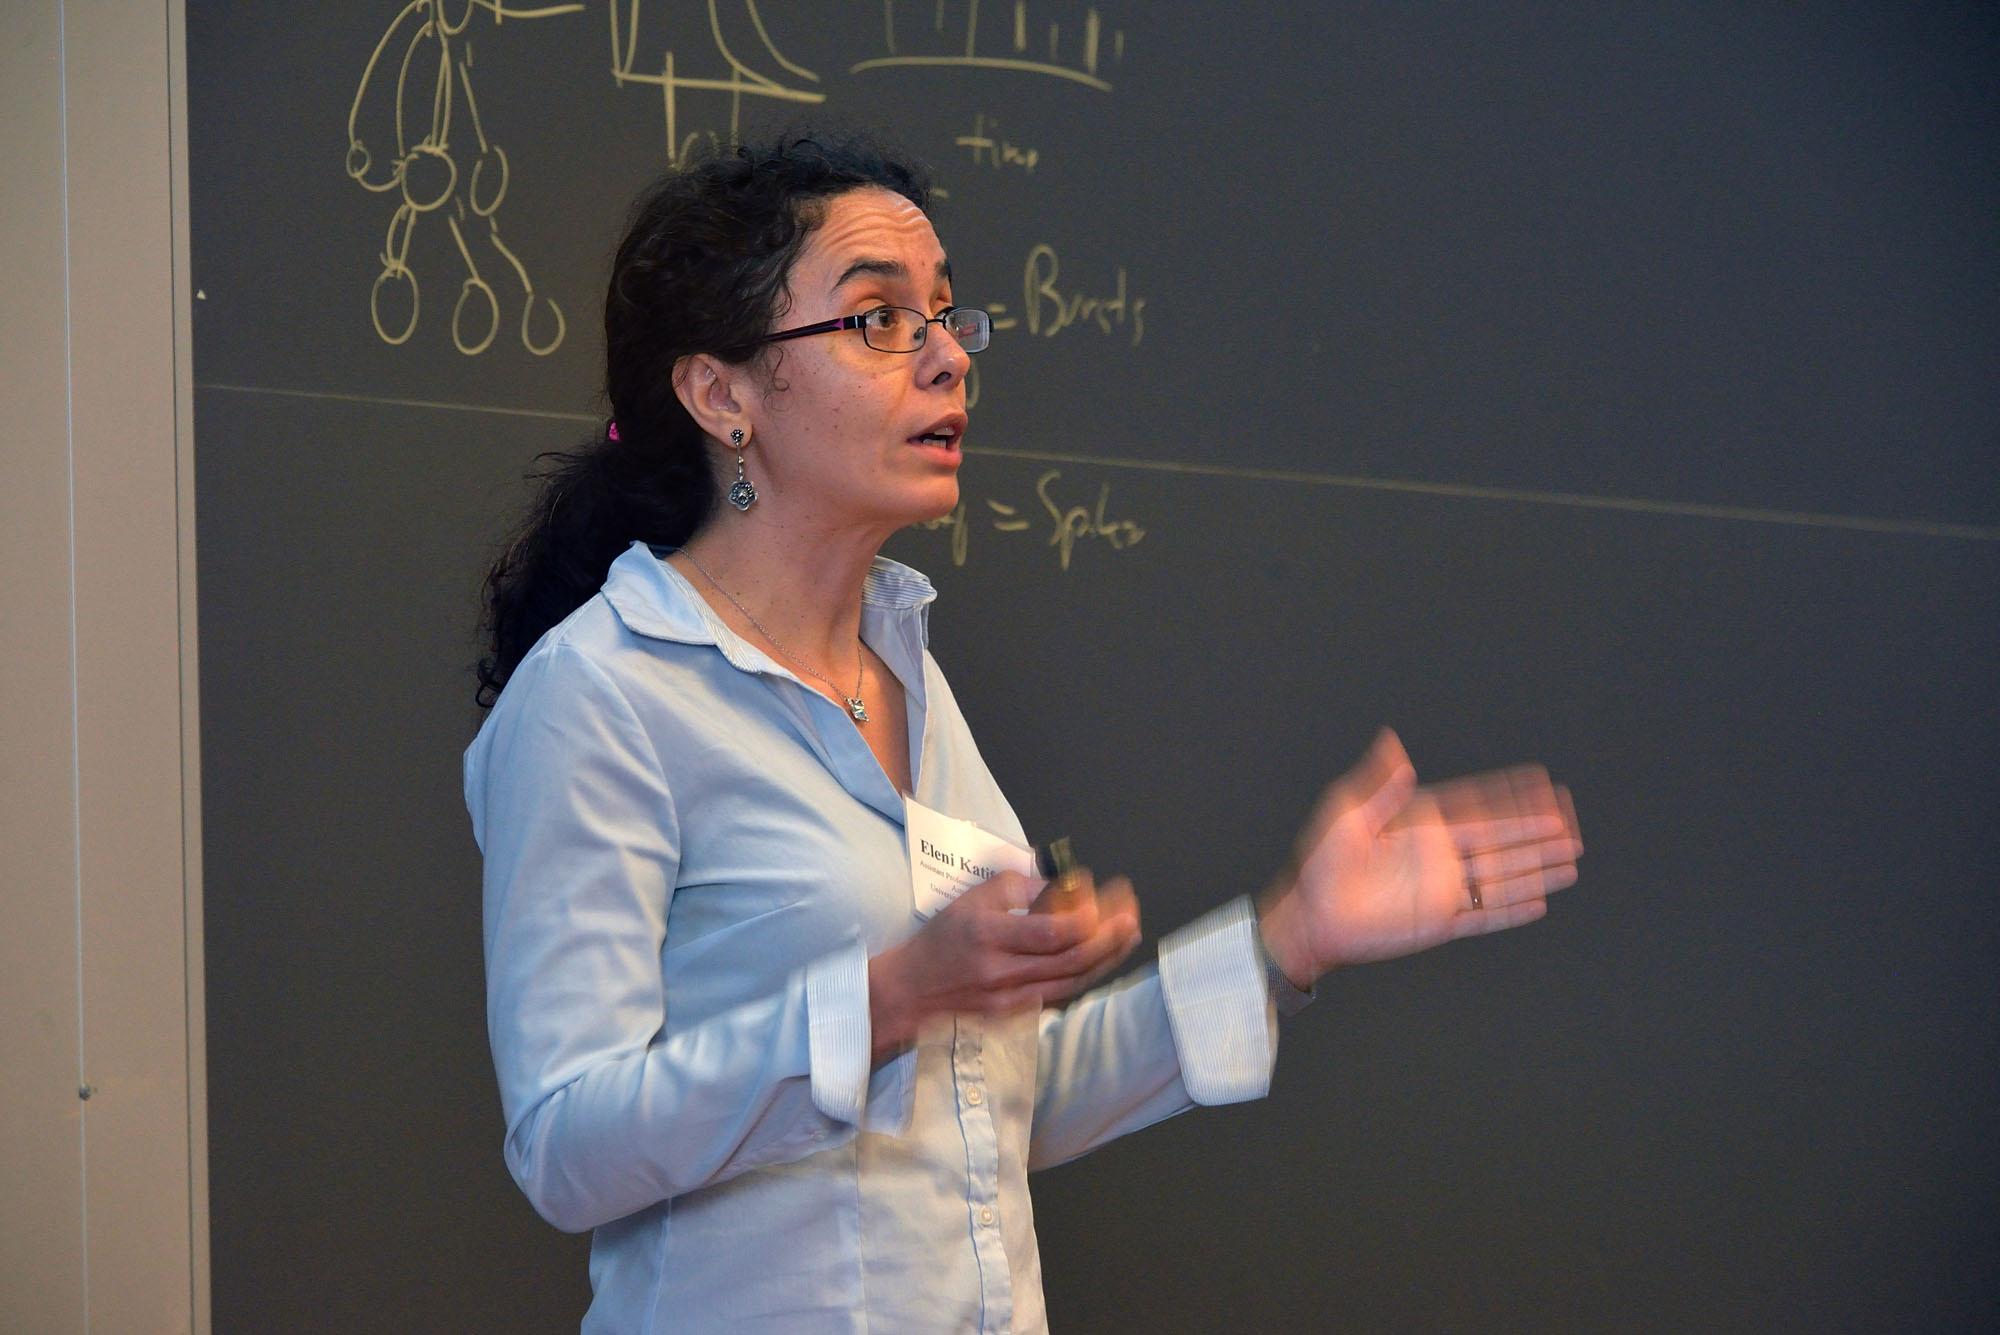 previous symposium